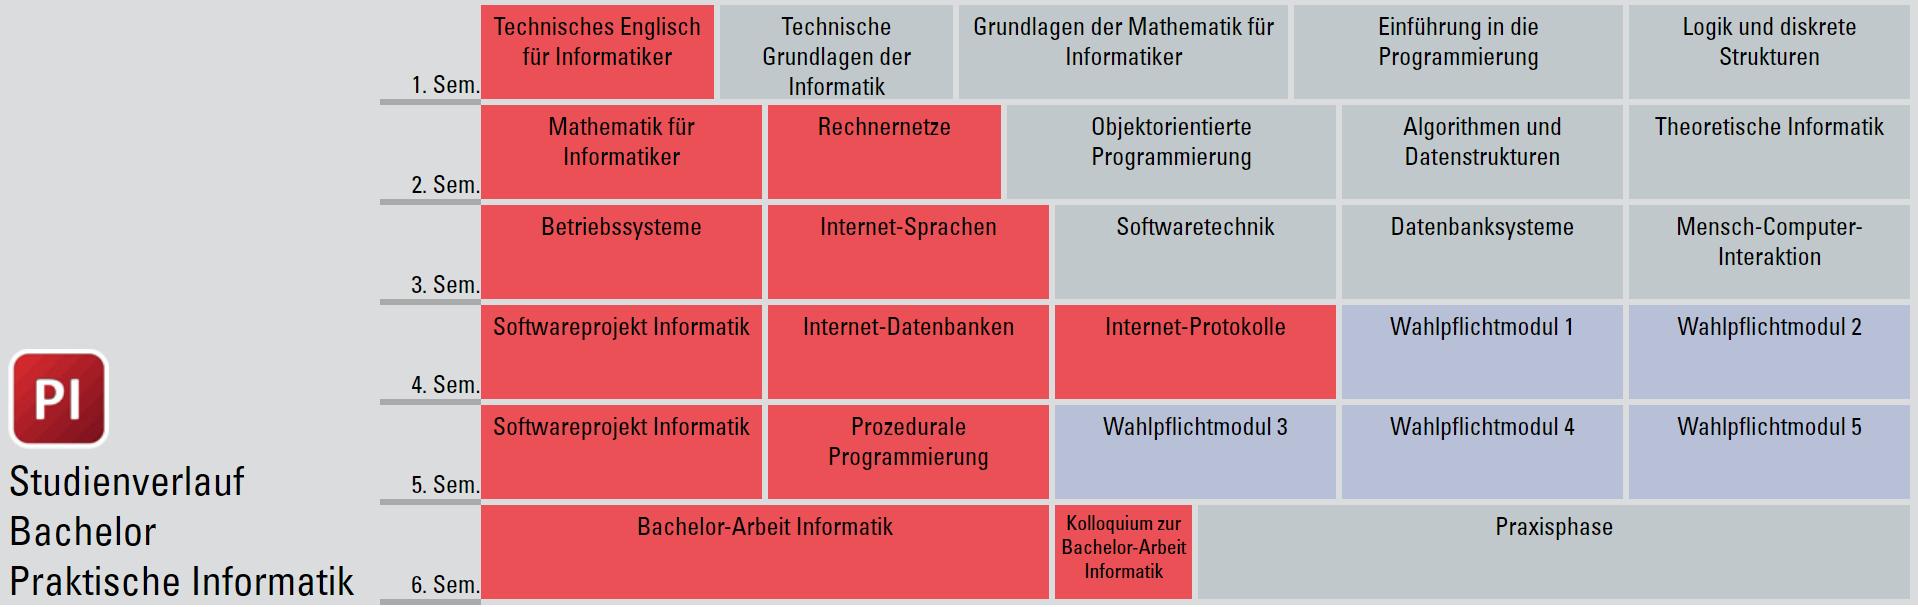 Studienverlaufsplan Bachelor Informatik (Studienrichtung Praktische Informatik)